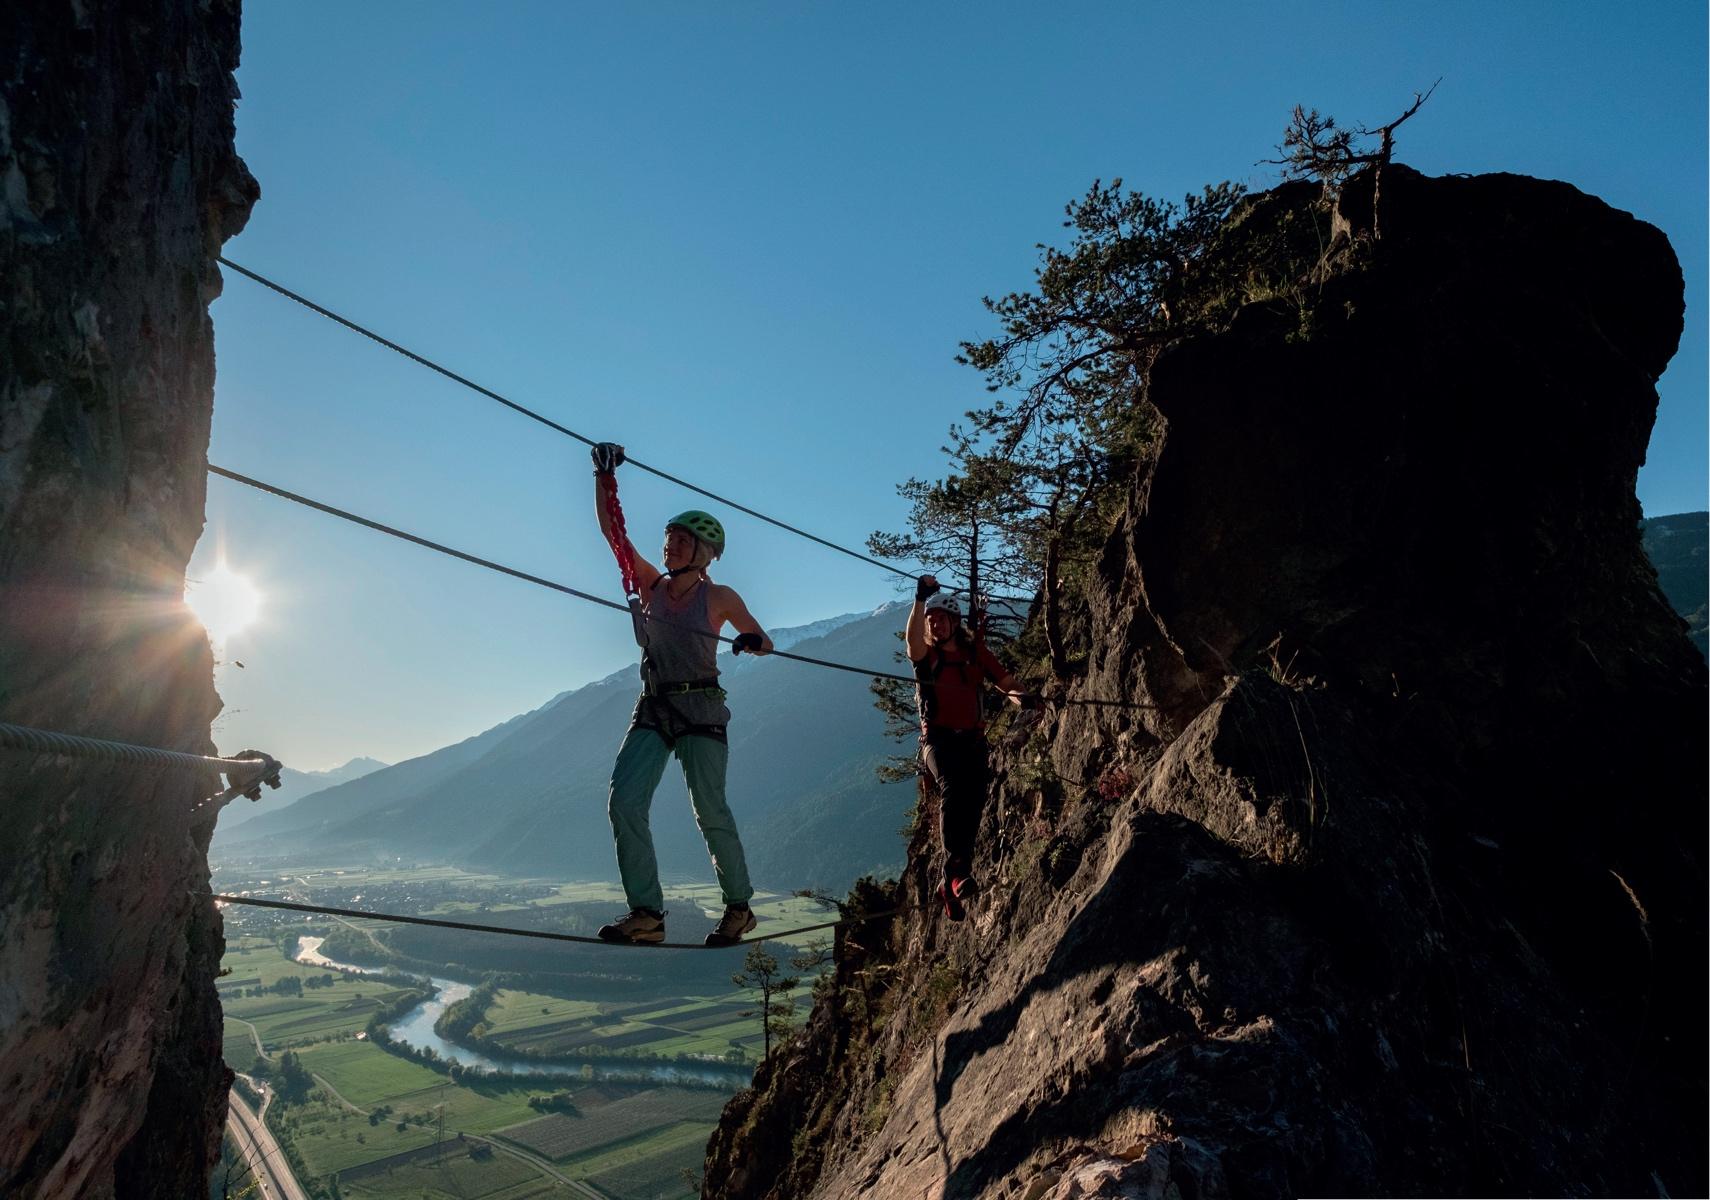 Die Seilbrücke am Geierwand Klettersteig © Bernd Ritschel